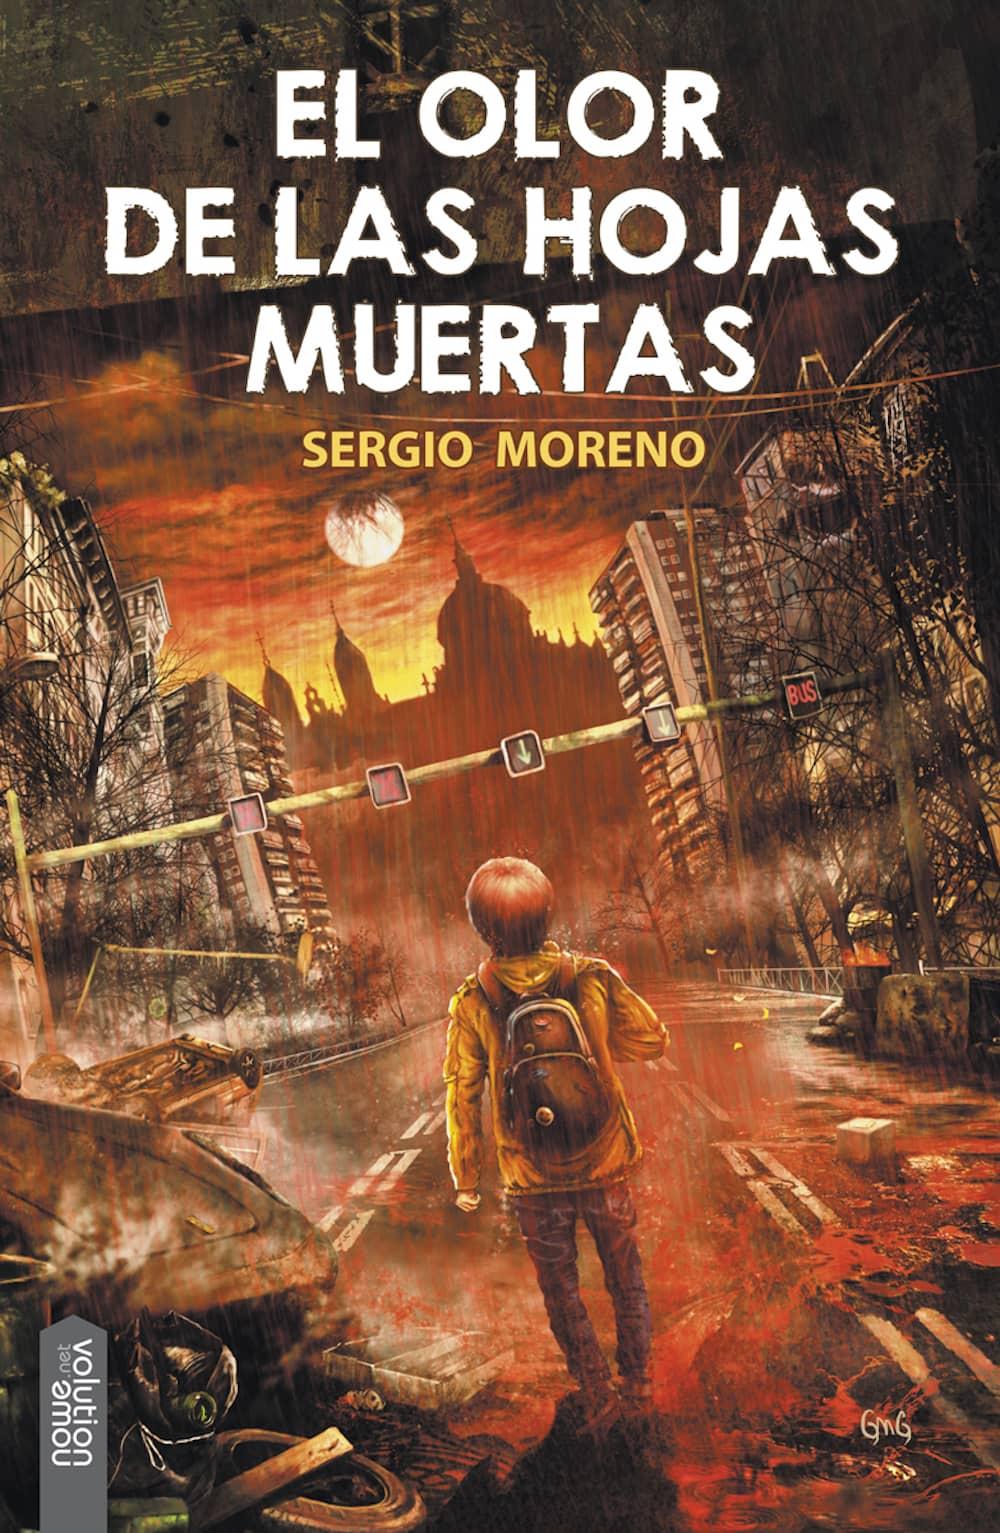 EL OLOR DE LAS HOJAS MUERTAS